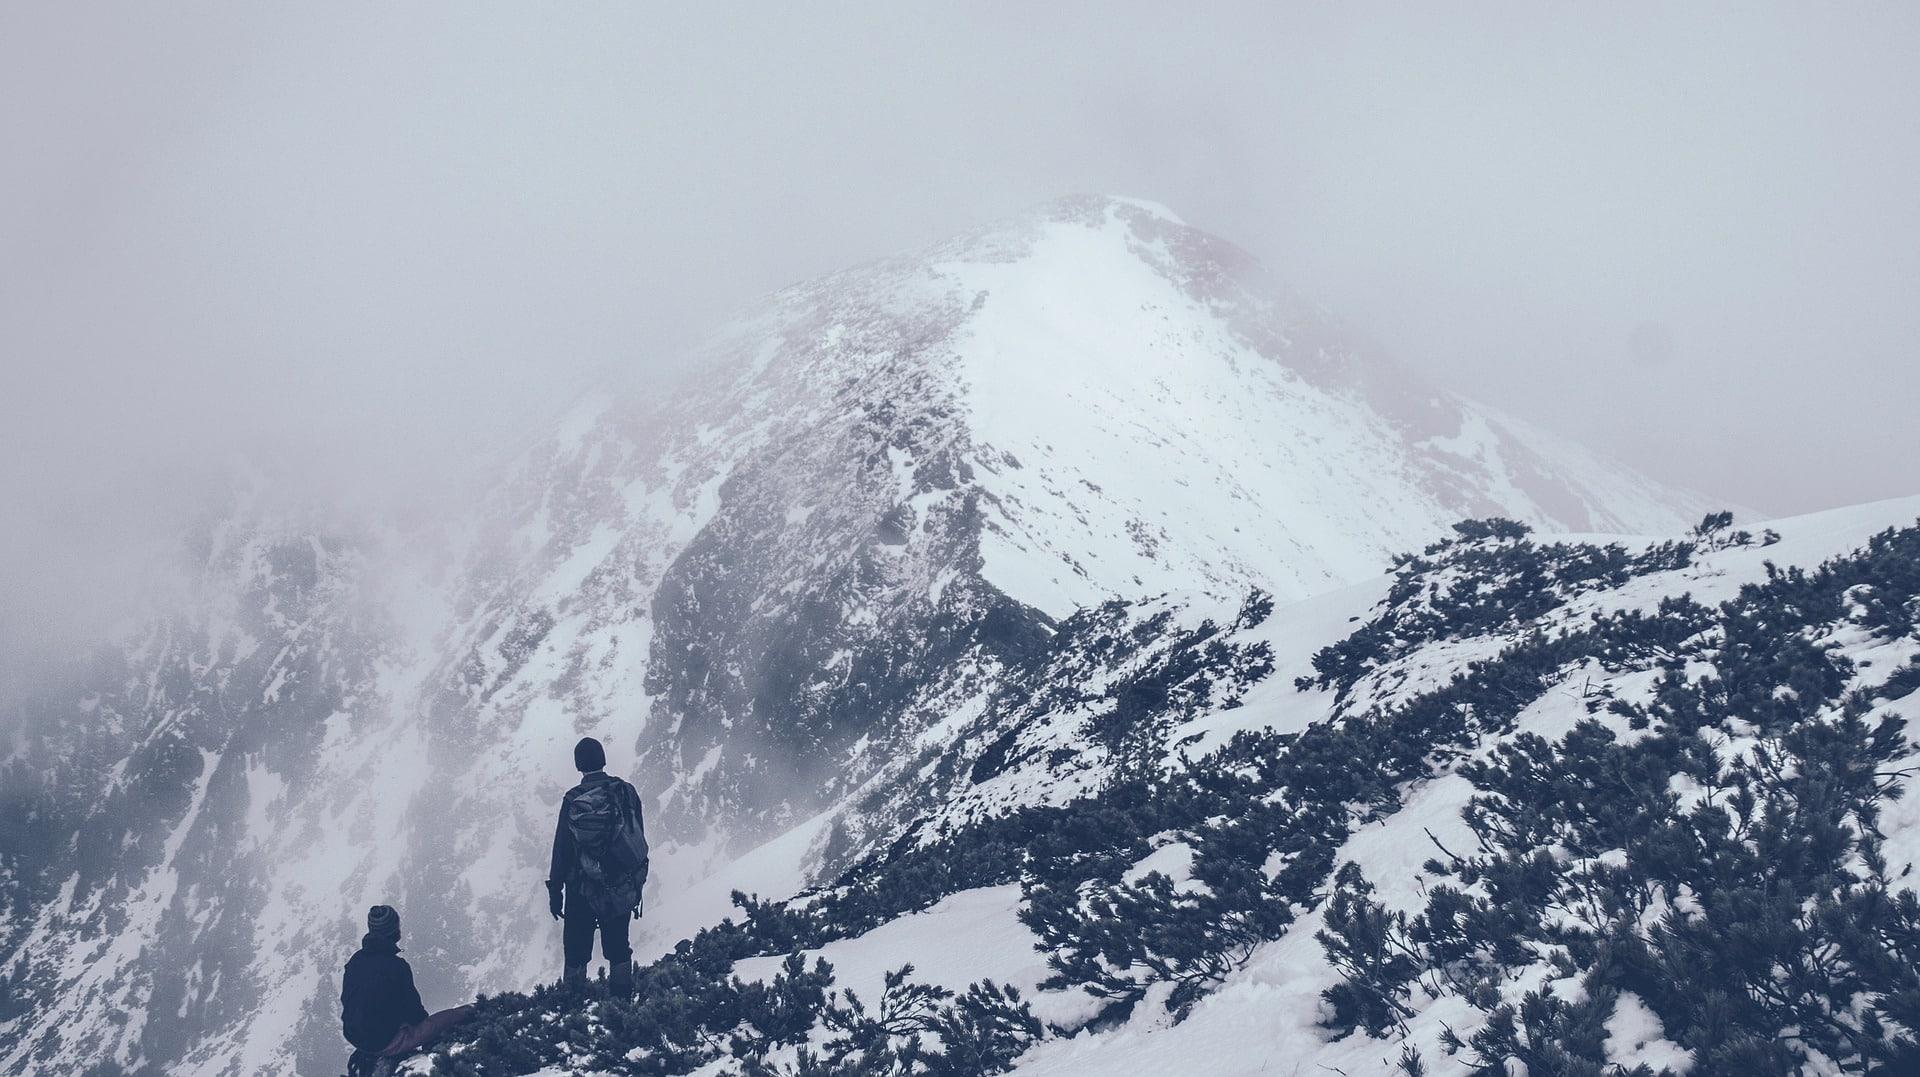 apprendre la paie c'est pas forcement escalader une montagne.jpg